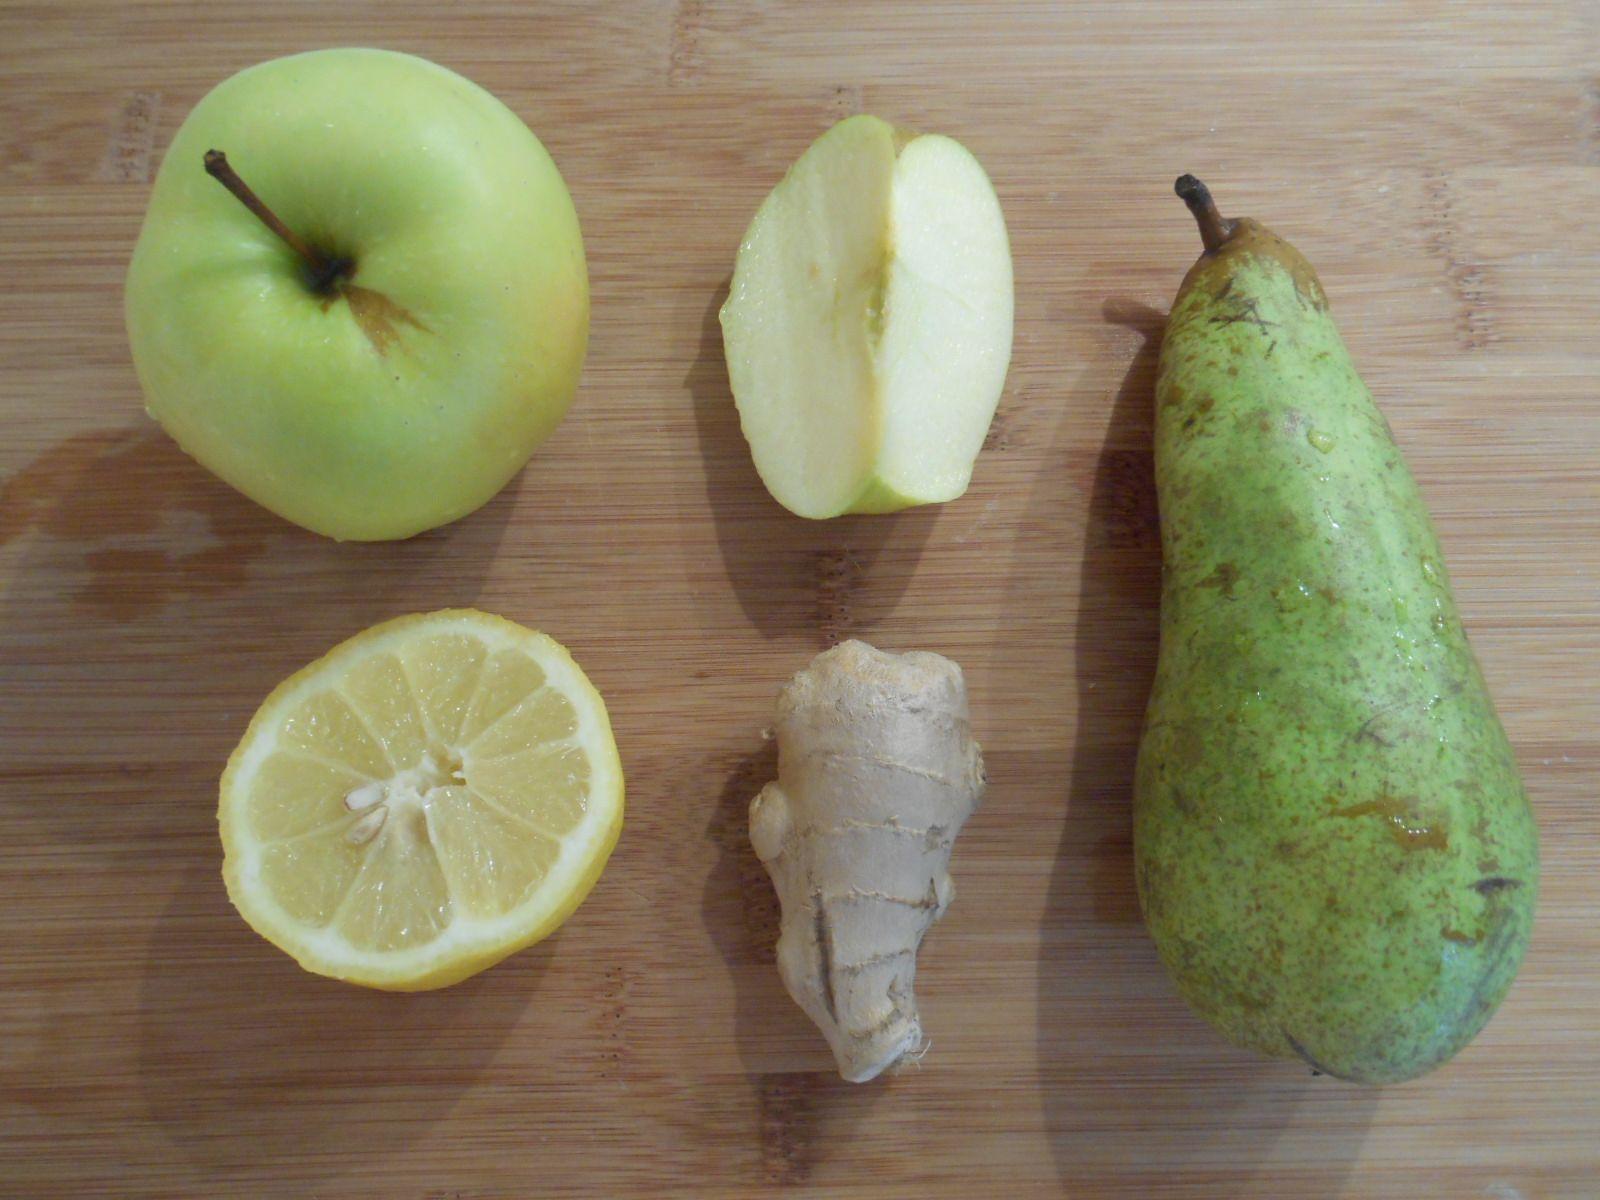 jus-pomme-poire-citron-gingembre   boissons   Pinterest